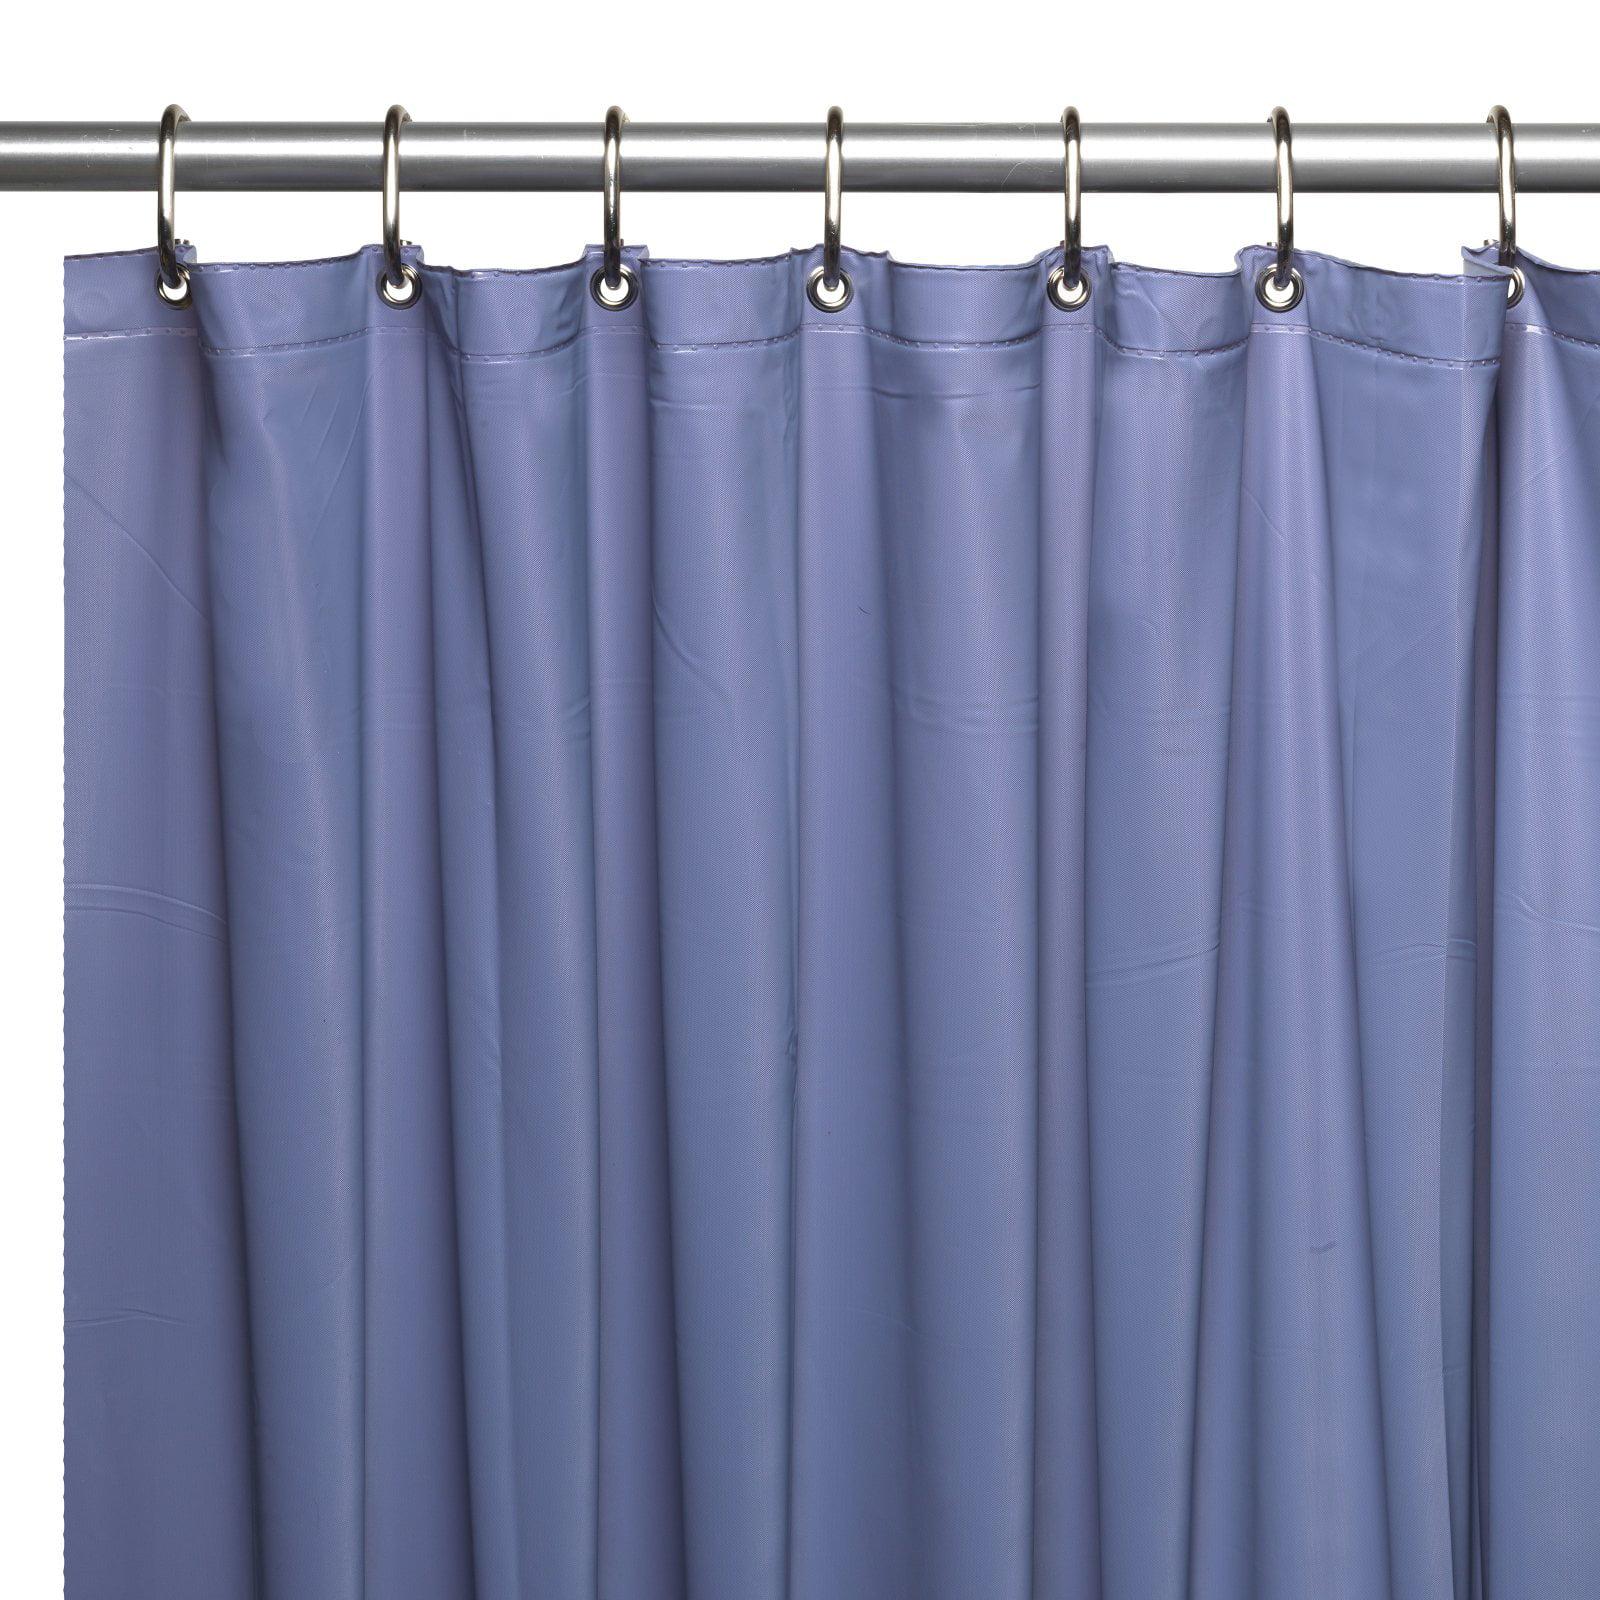 Mildew Resistant 10 Gauge Vinyl Shower Curtain Liner W Metal Grommets And Reinforced Mesh Header In Slate